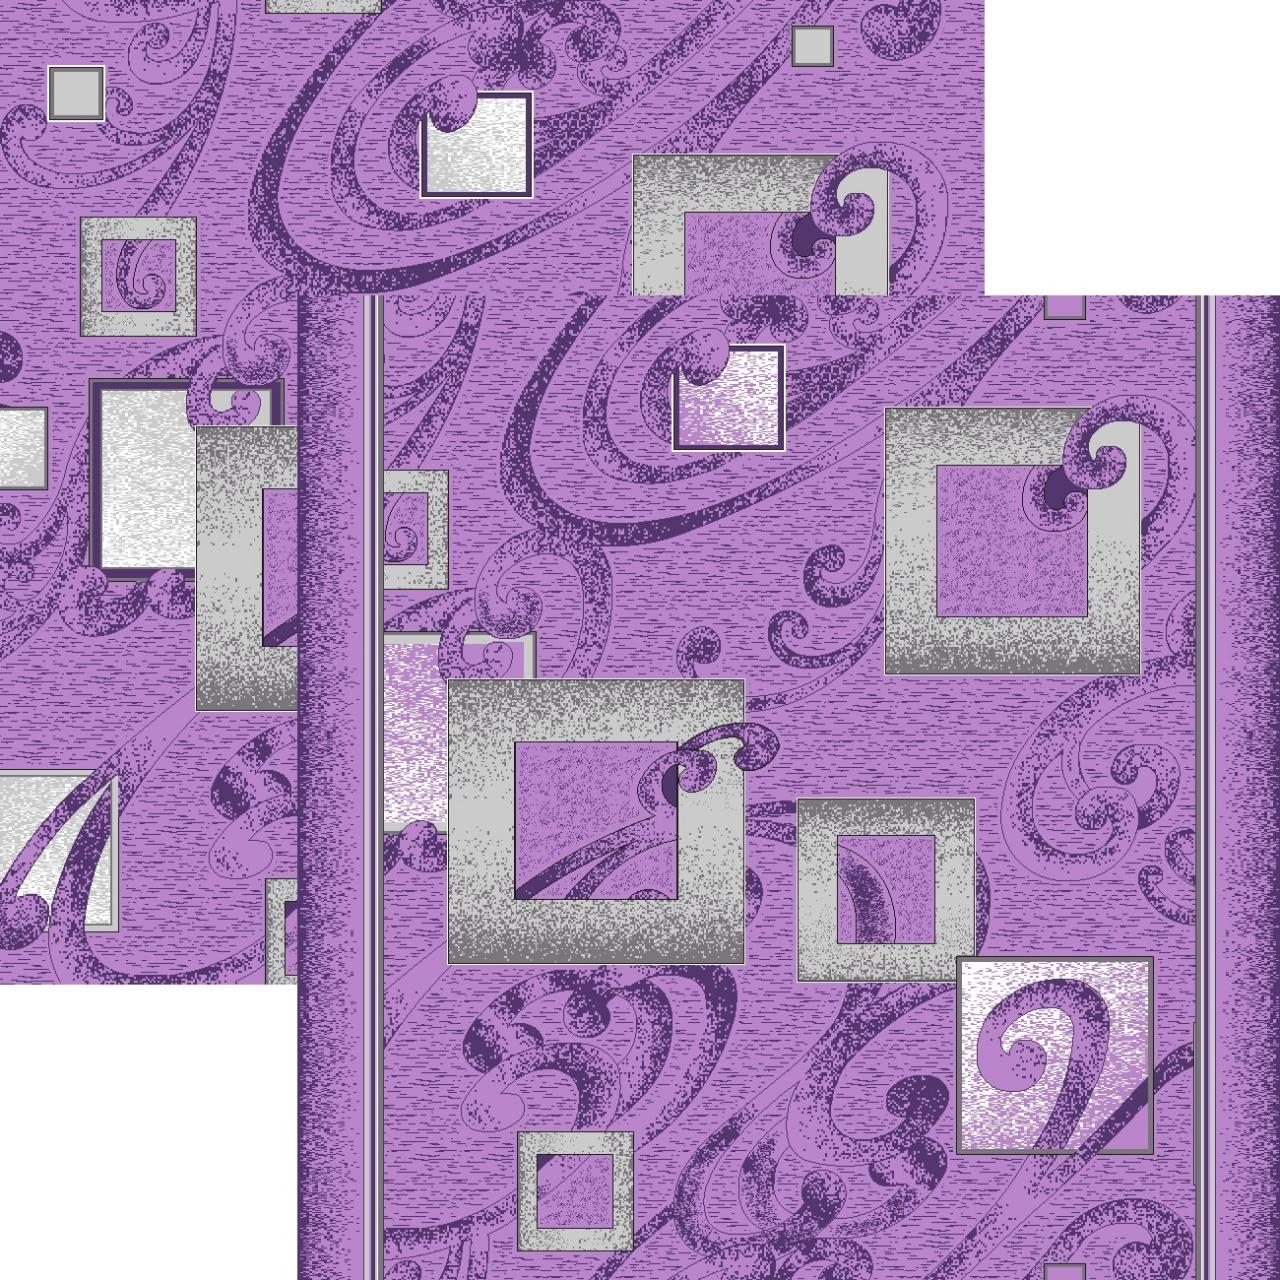 Ковровая дорожка p1023m5r - 50 - коллекция принт 8-ми цветная дорожка